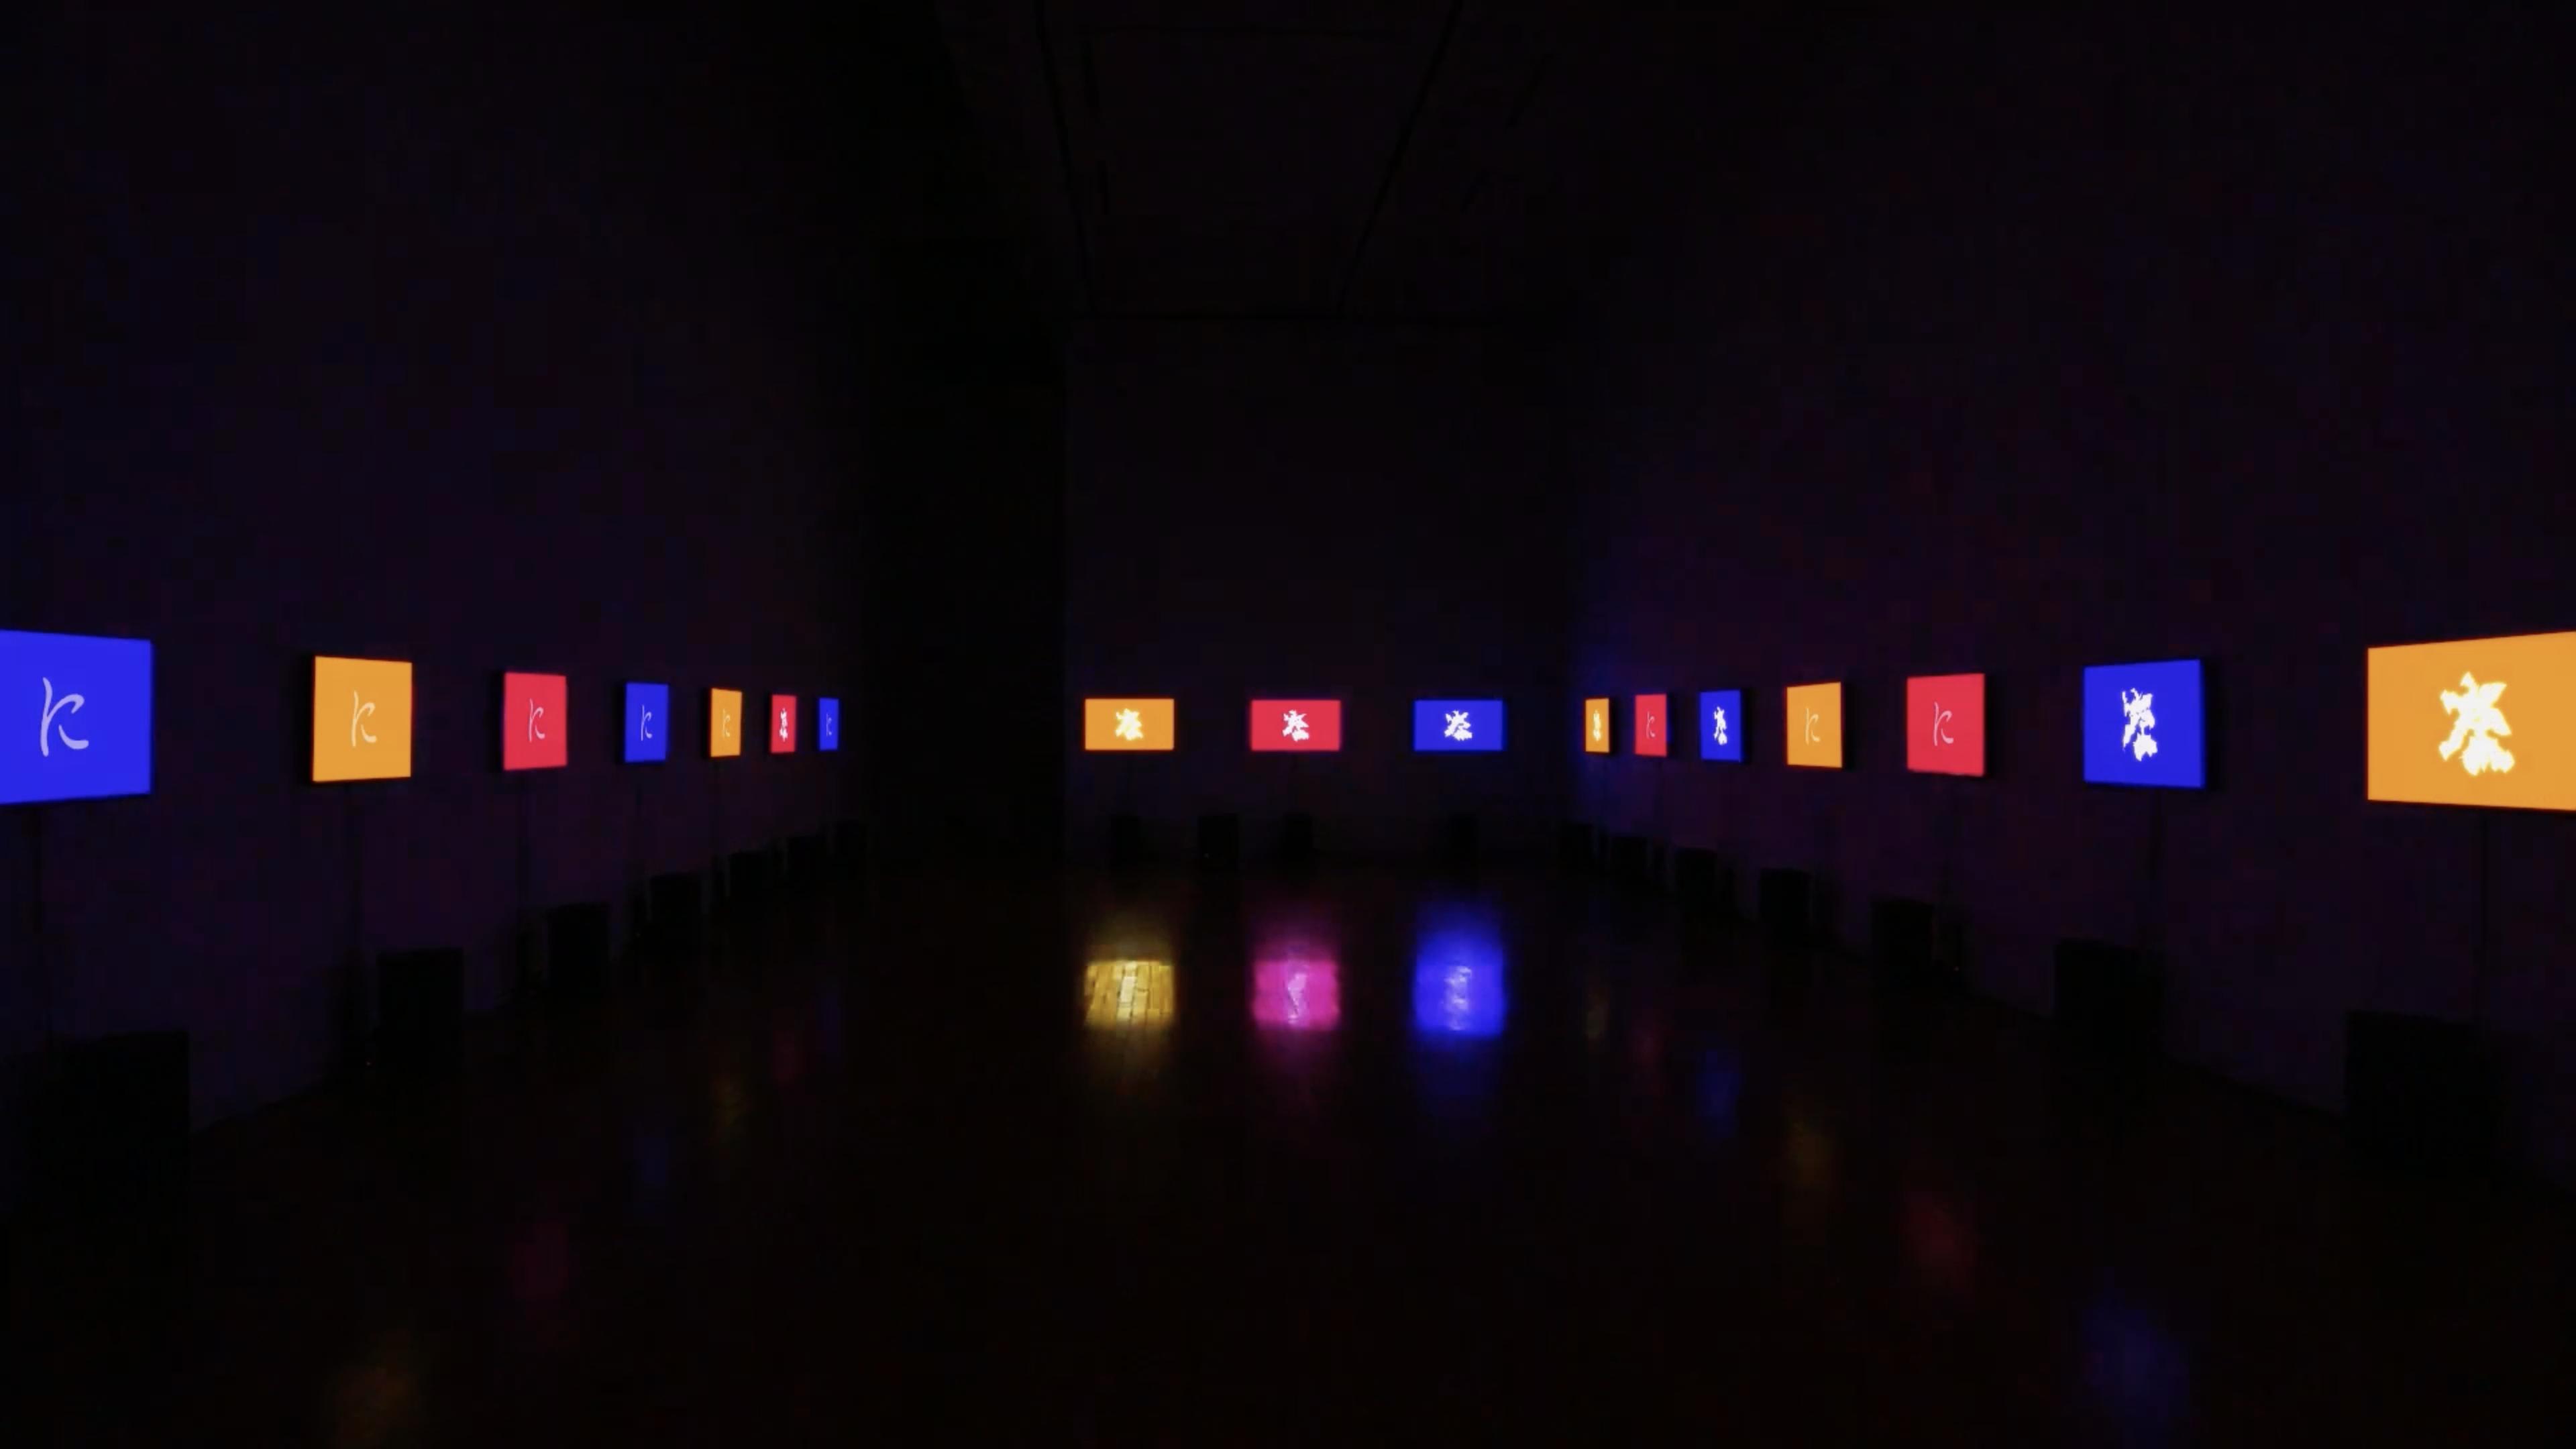 谷川俊太郎展 東京オペラシティ アートギャラリーでの会場風景 「音と映像による新たな詩の体験」